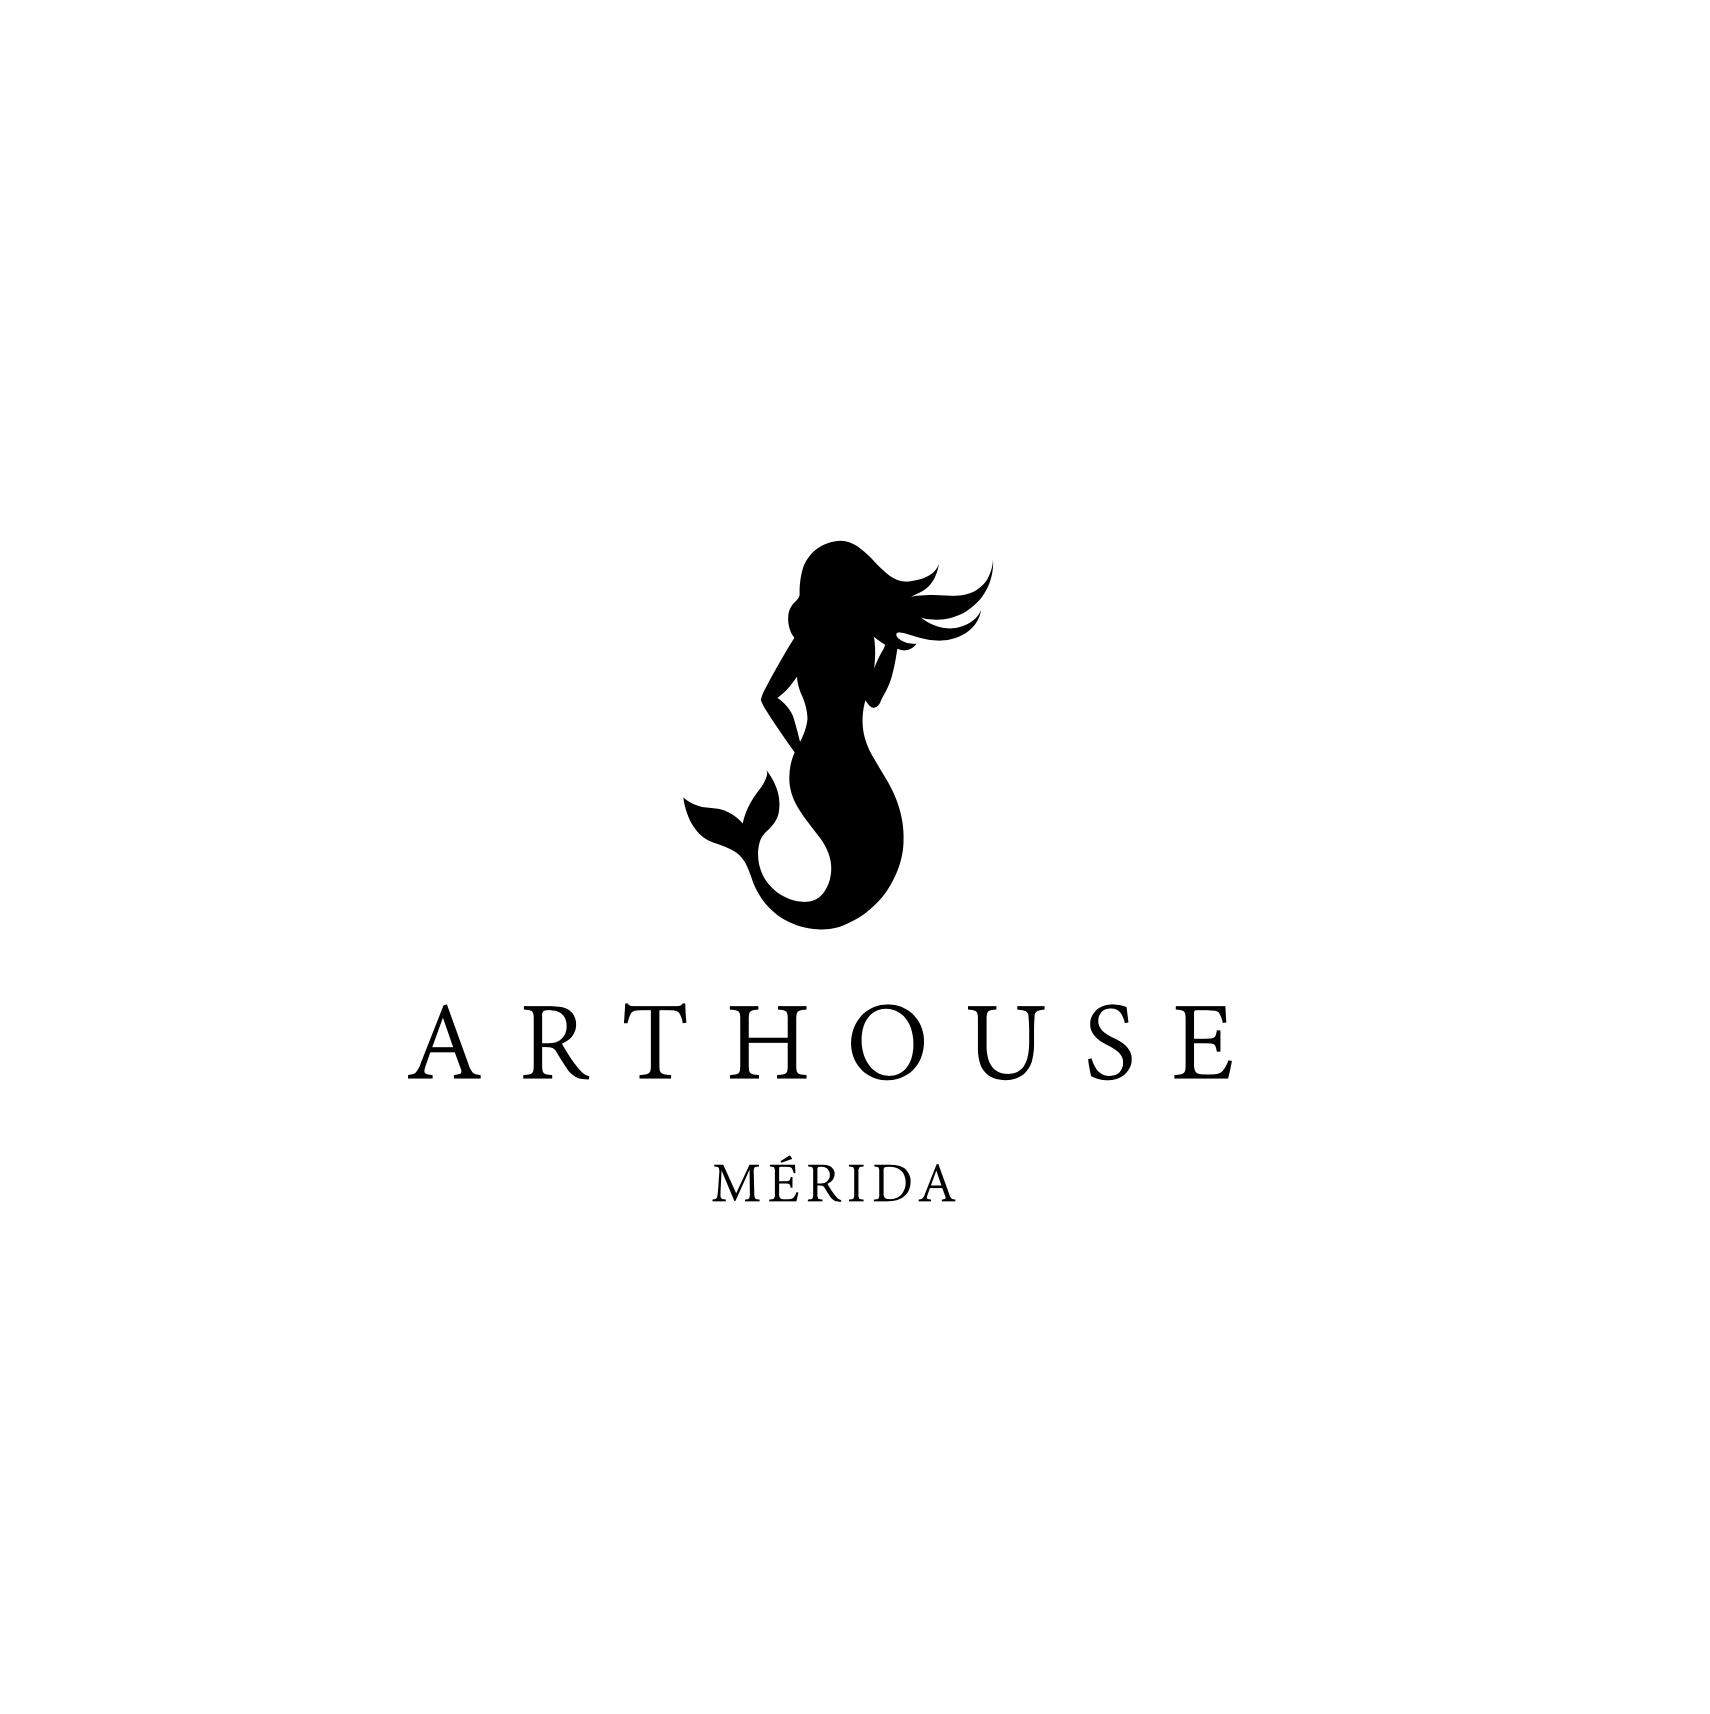 Arthouse Mérida